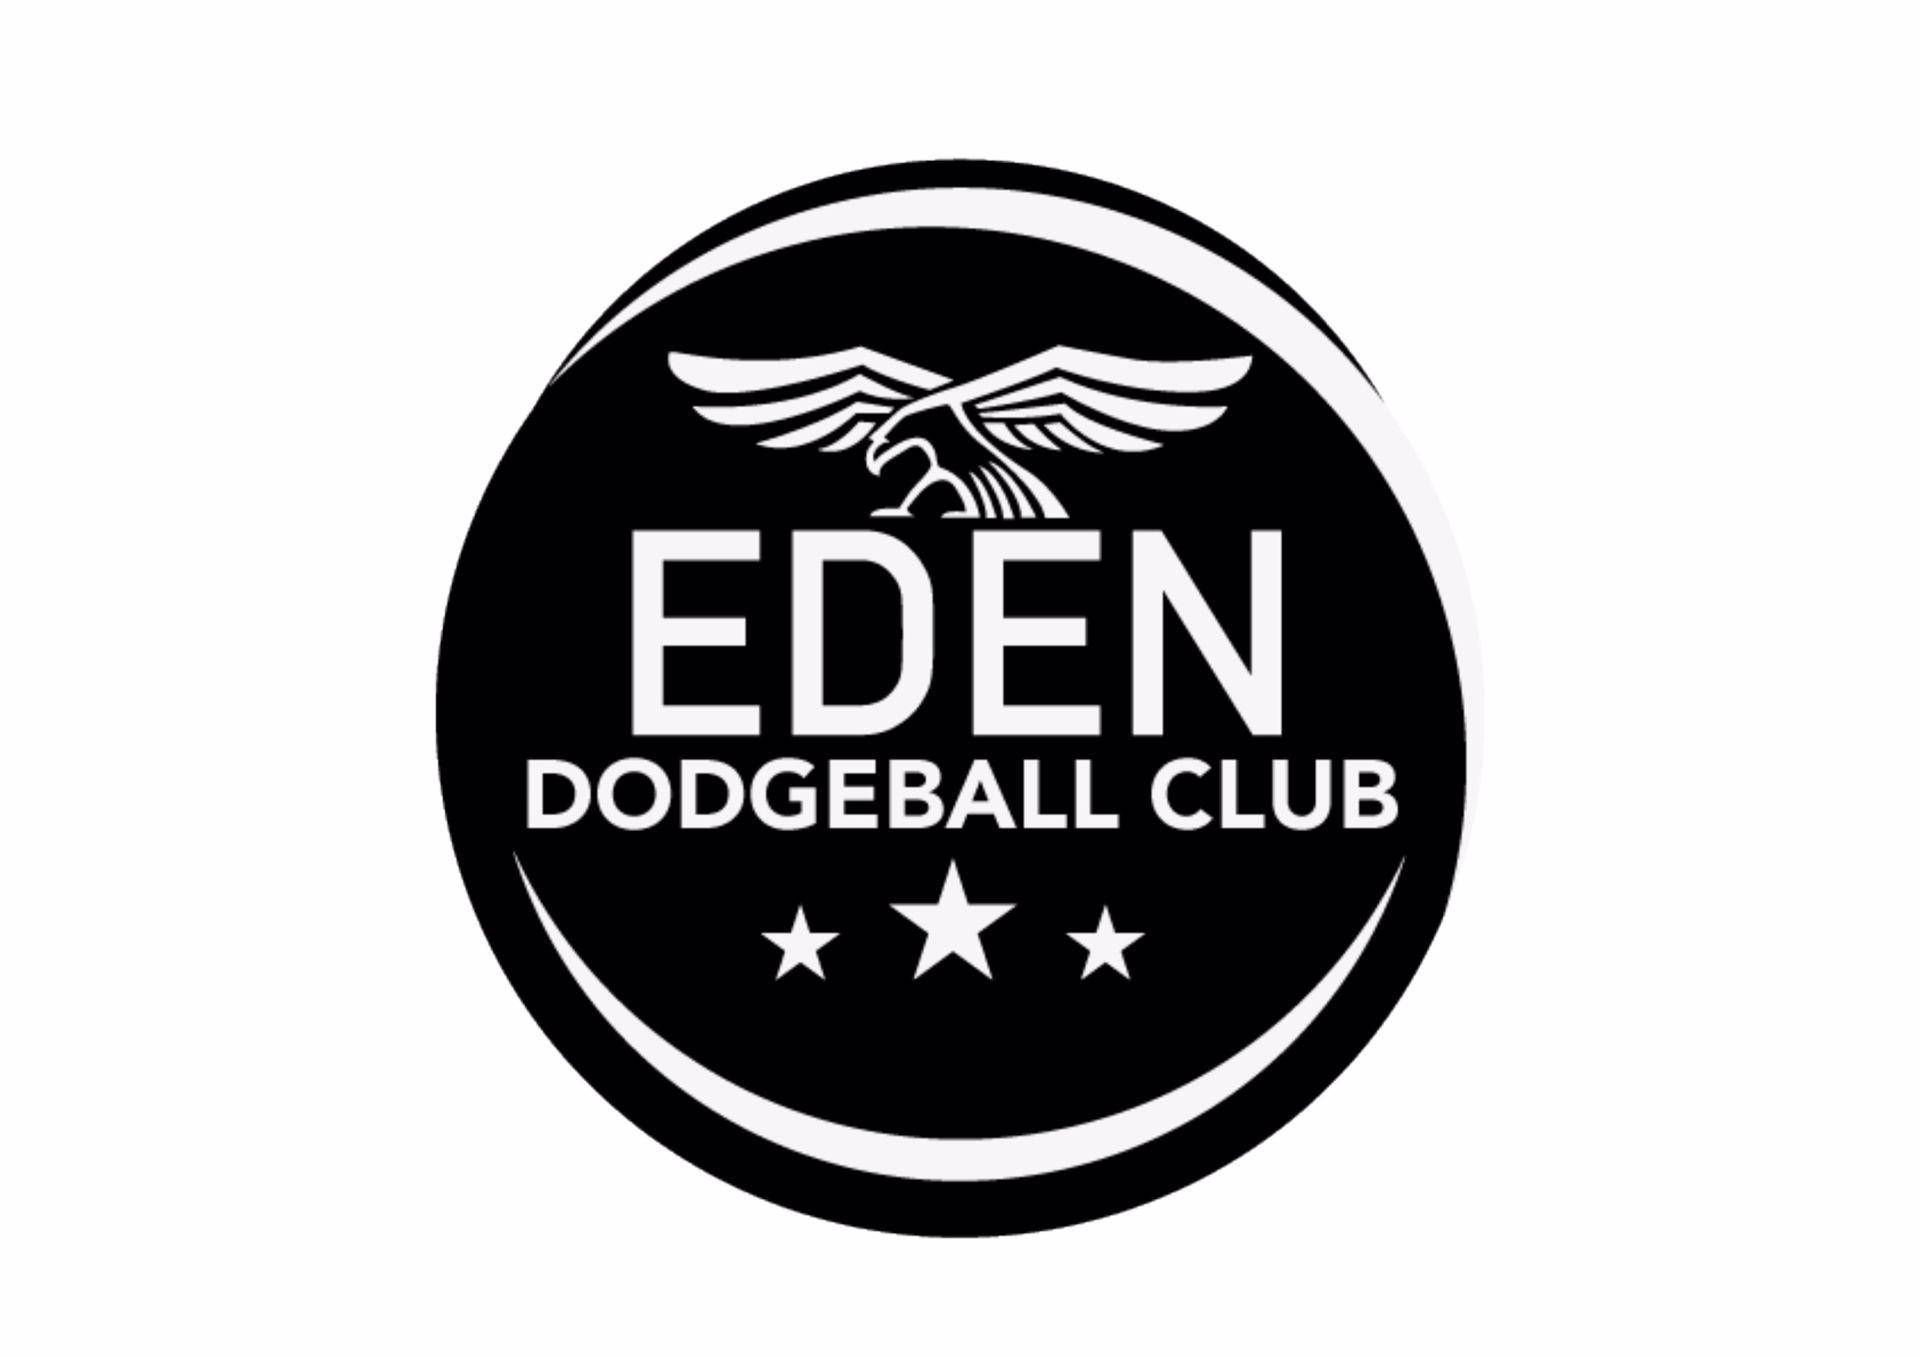 Club Image for Eden Dodgeball